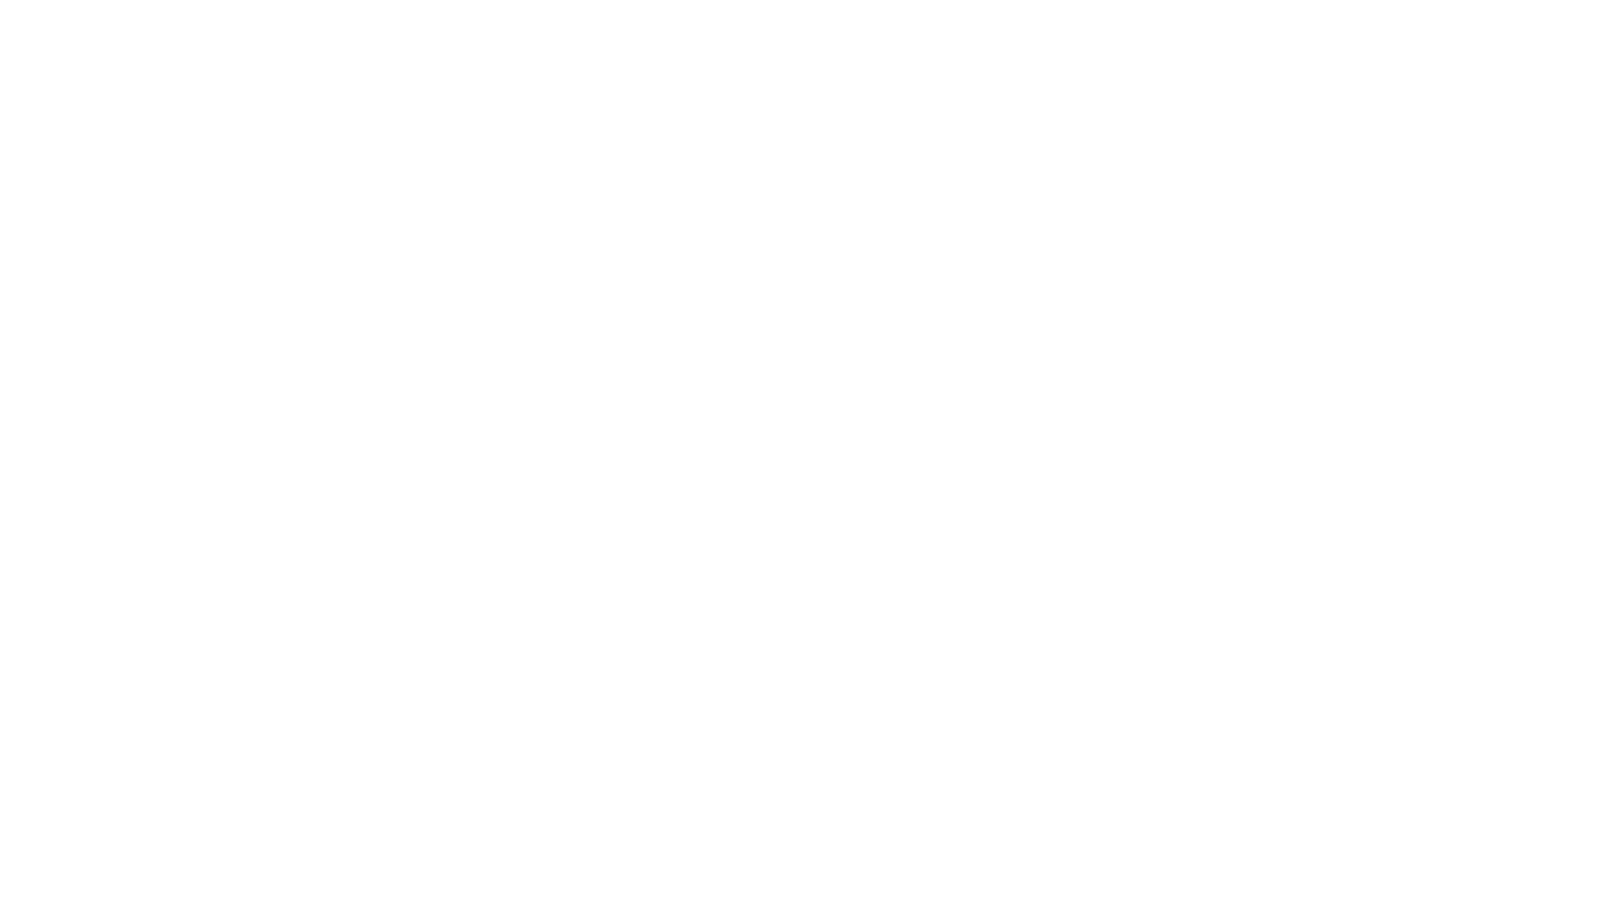 """Agricolavinica - puntata N.2 del format """"Small Talk"""" realizzata a Ripalimosani, antico borgo molisano in provincia di Campobasso. #smalltalk #ripalimosani#molise #agricolavinica #tintilia #charlespapa"""